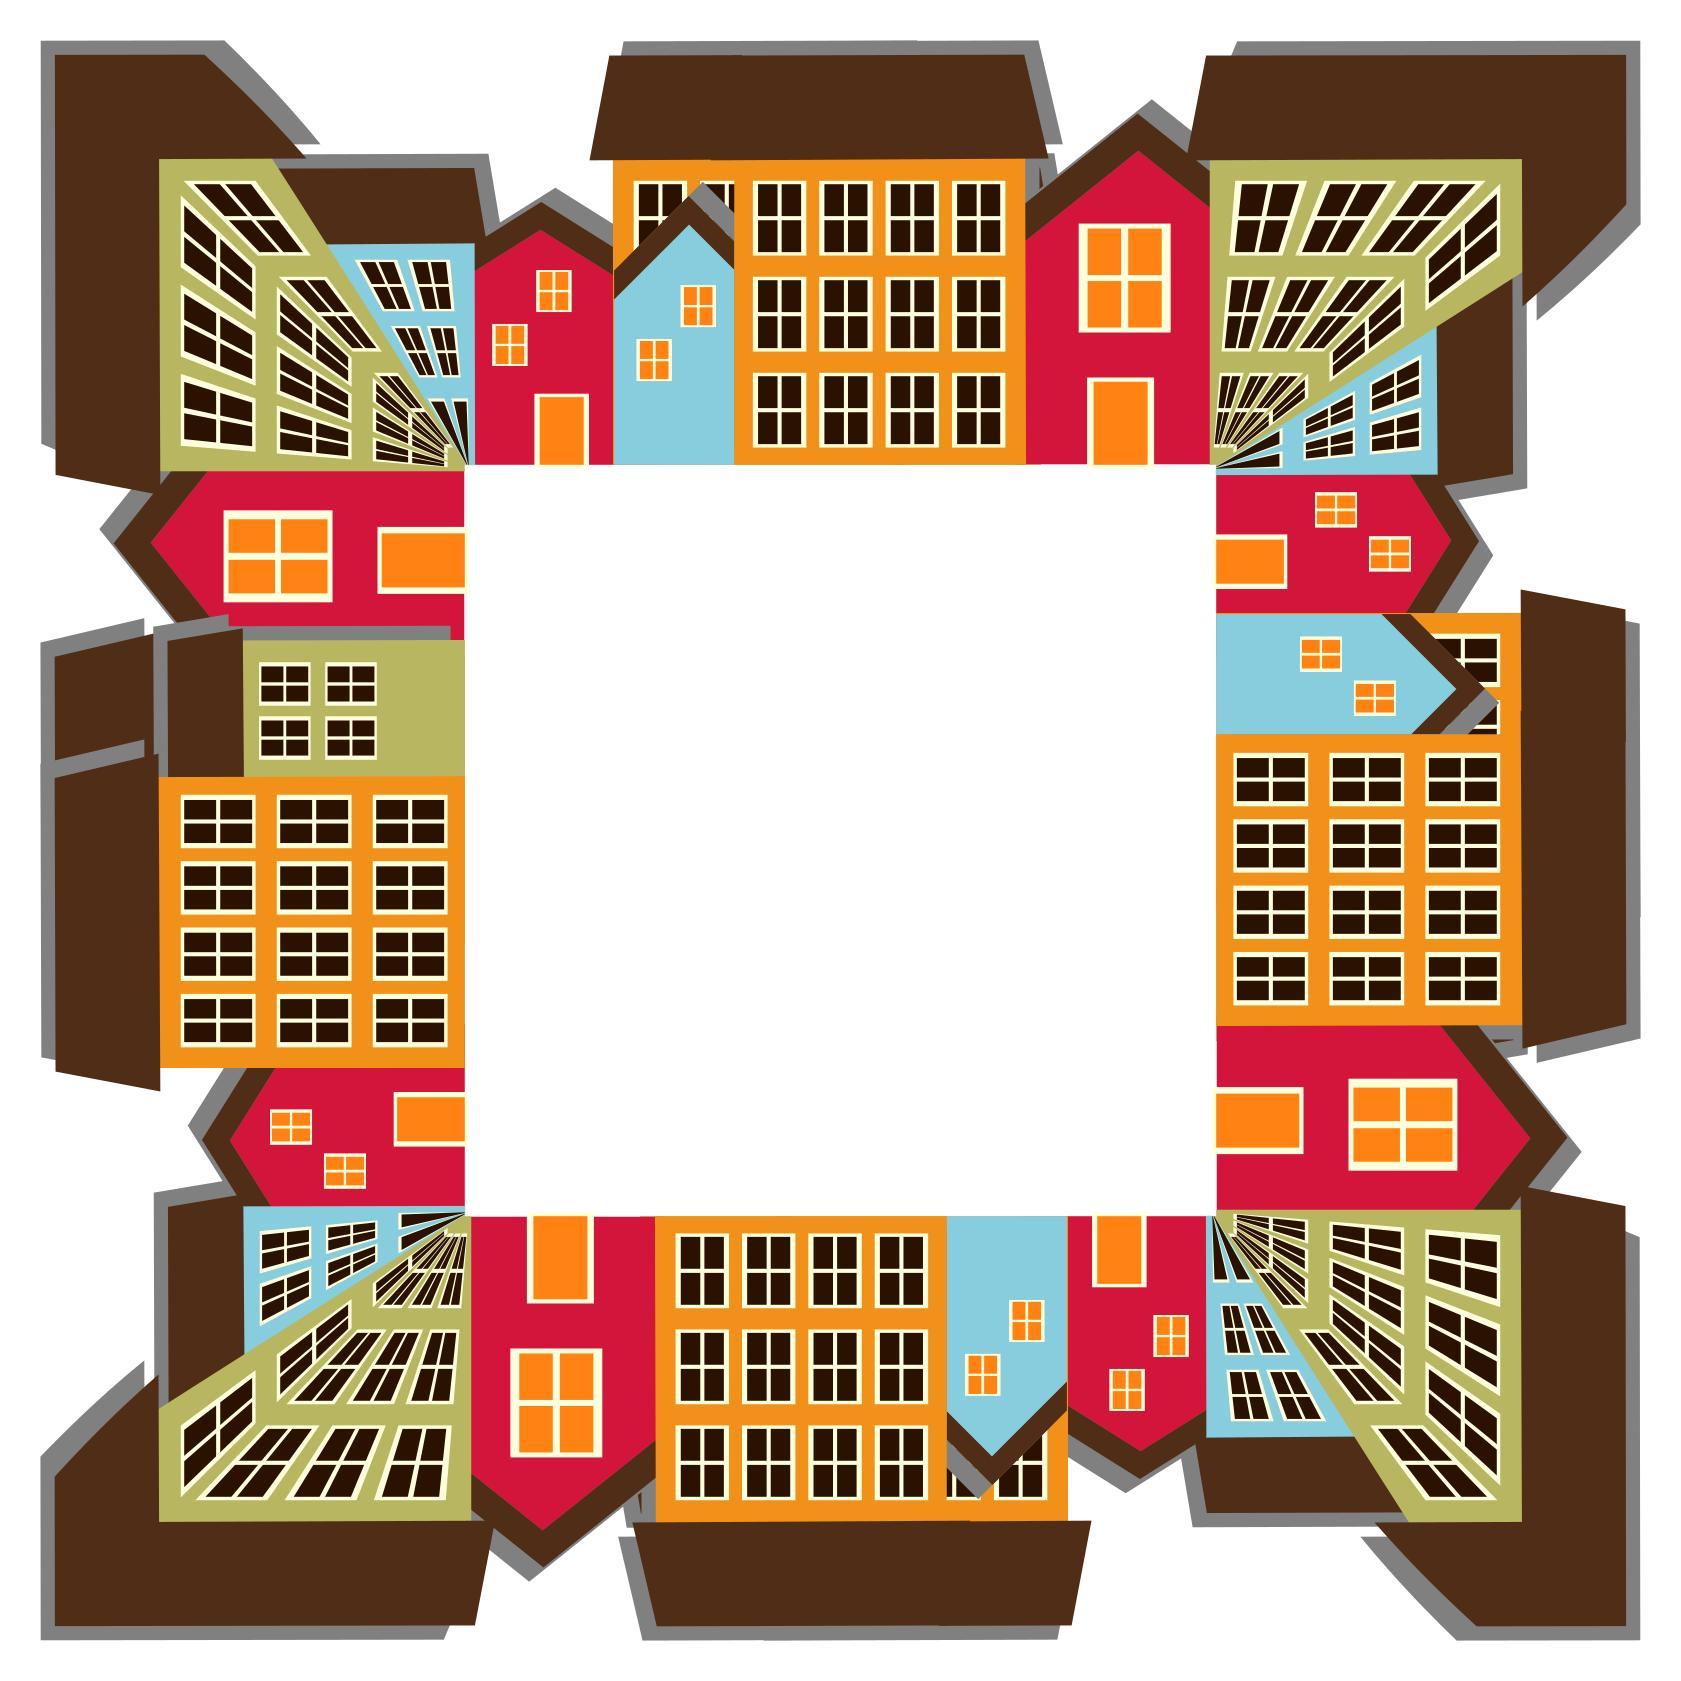 1681x1681 Small Town Cityscape Quadrilateral 2 Clipart